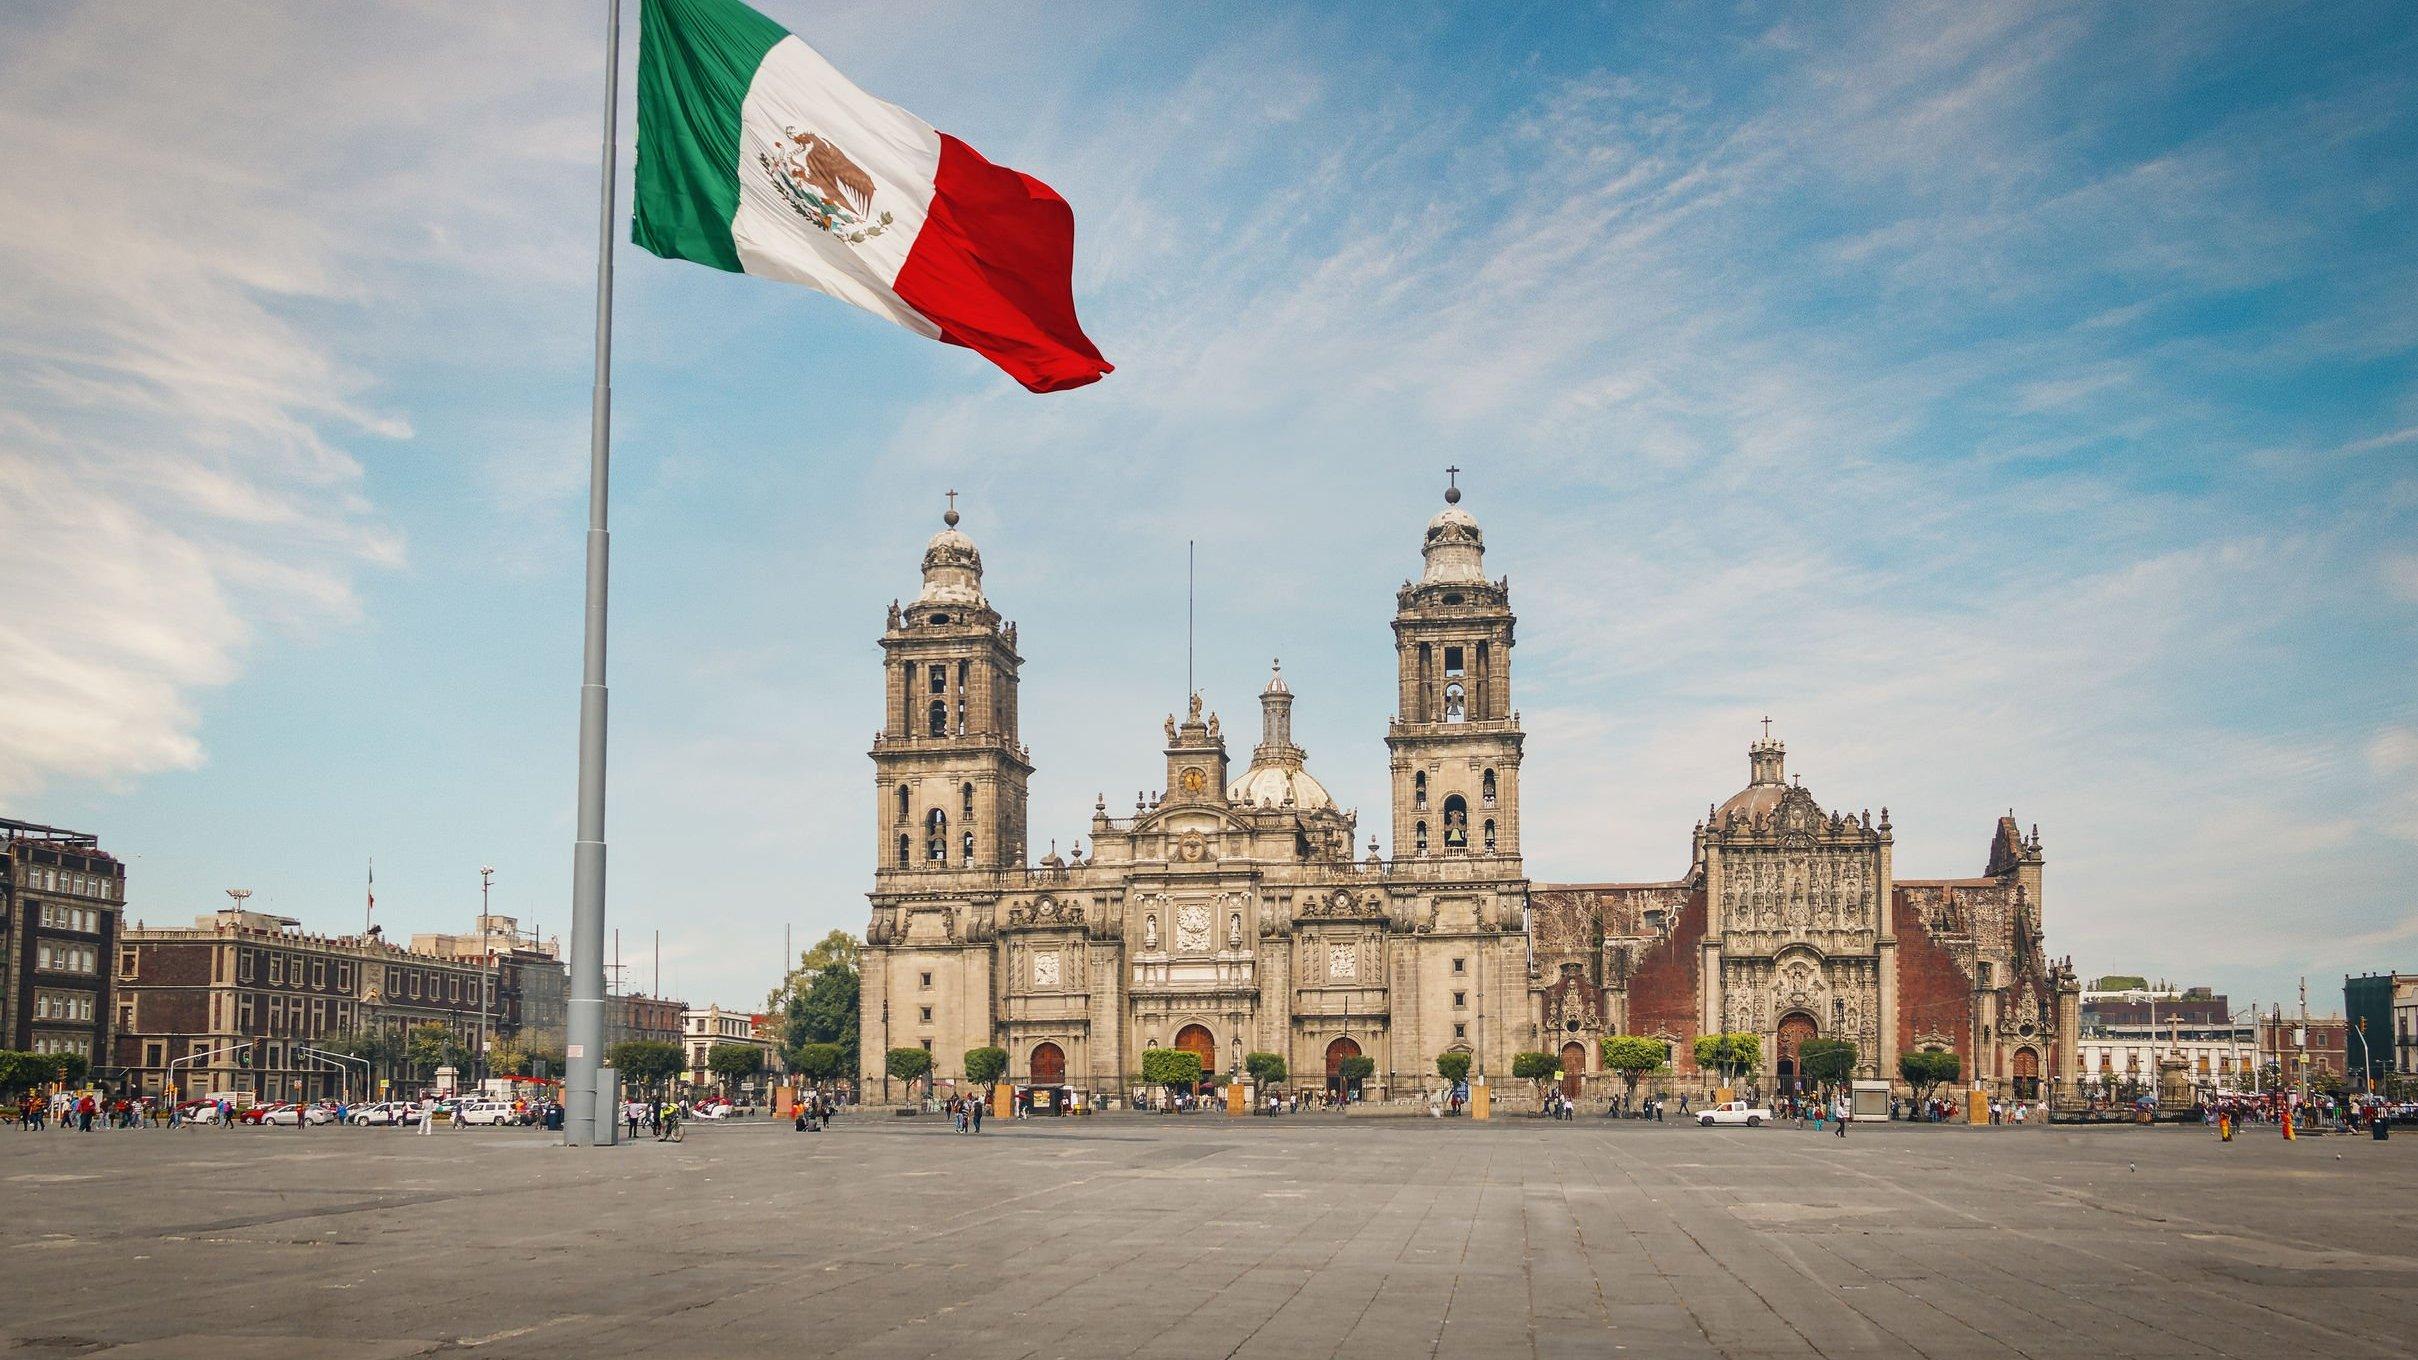 Cidade e bandeira do México ao fundo.